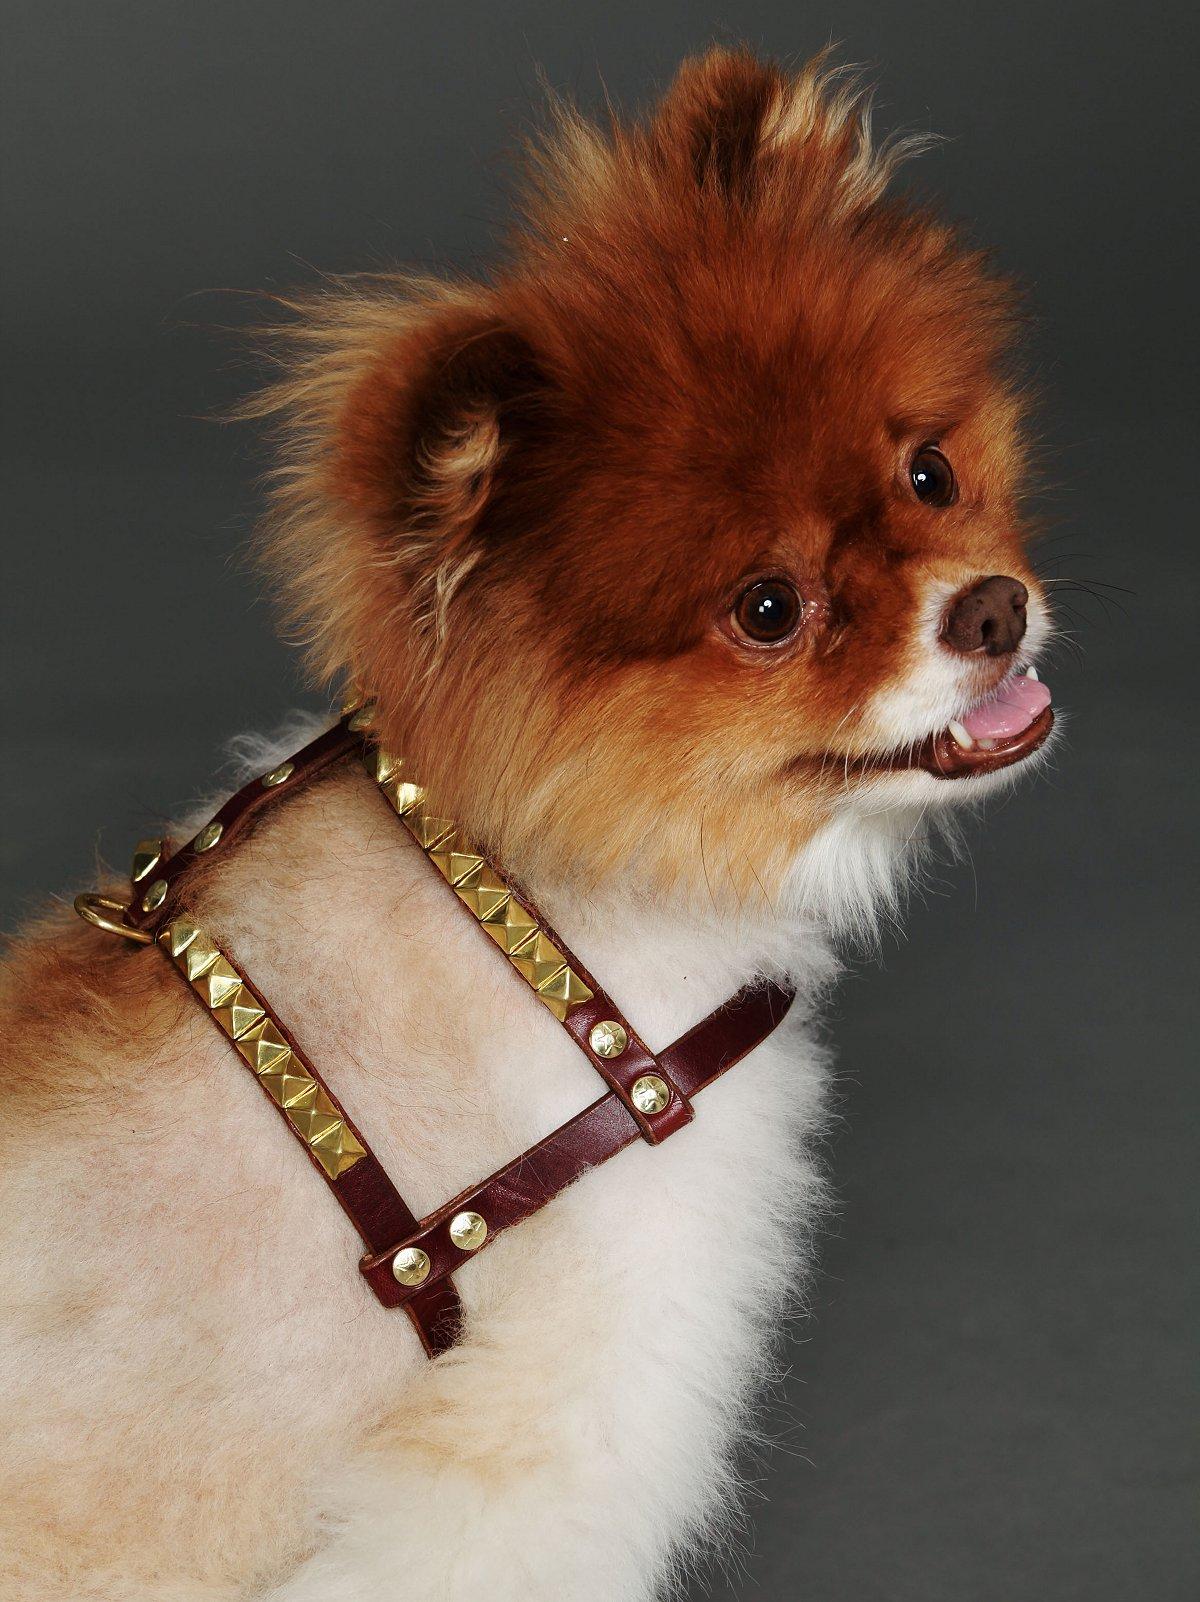 Nix Studded Harness